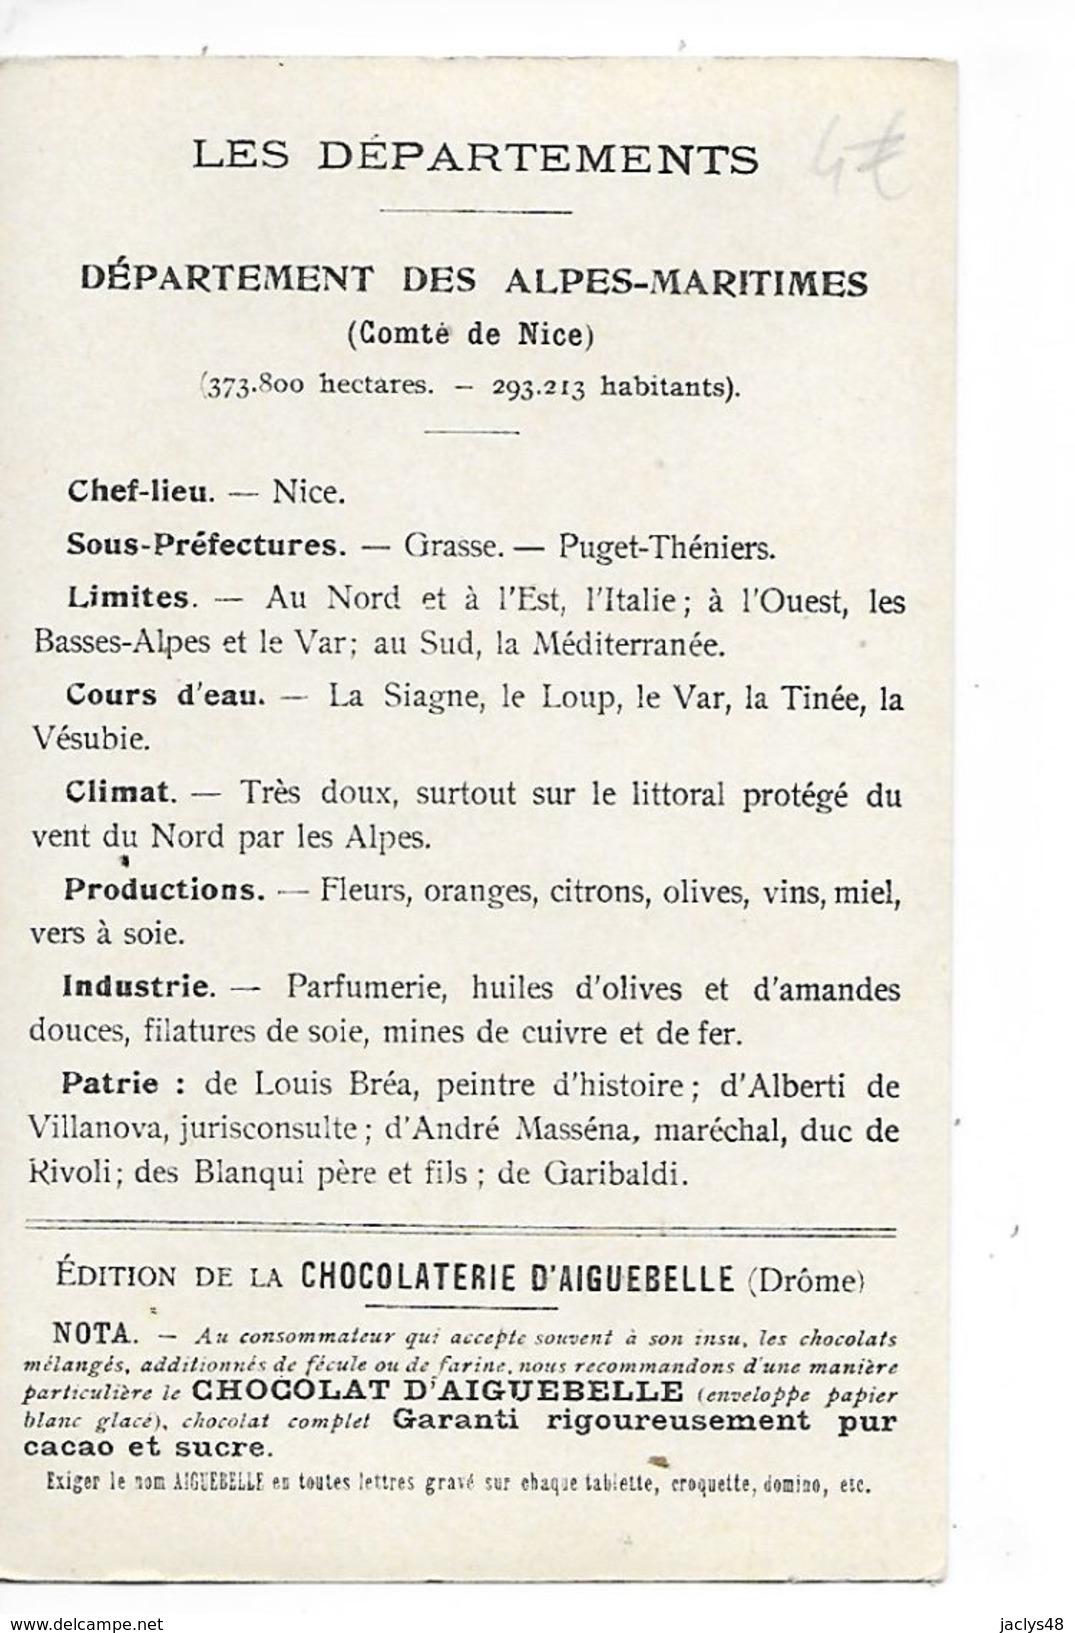 LES  DEPARTEMENTS  - ALPES-MARITIMES   - Chromo Chocolaterie D'Aiguebelle -   -  L 1 - Fichas Didácticas